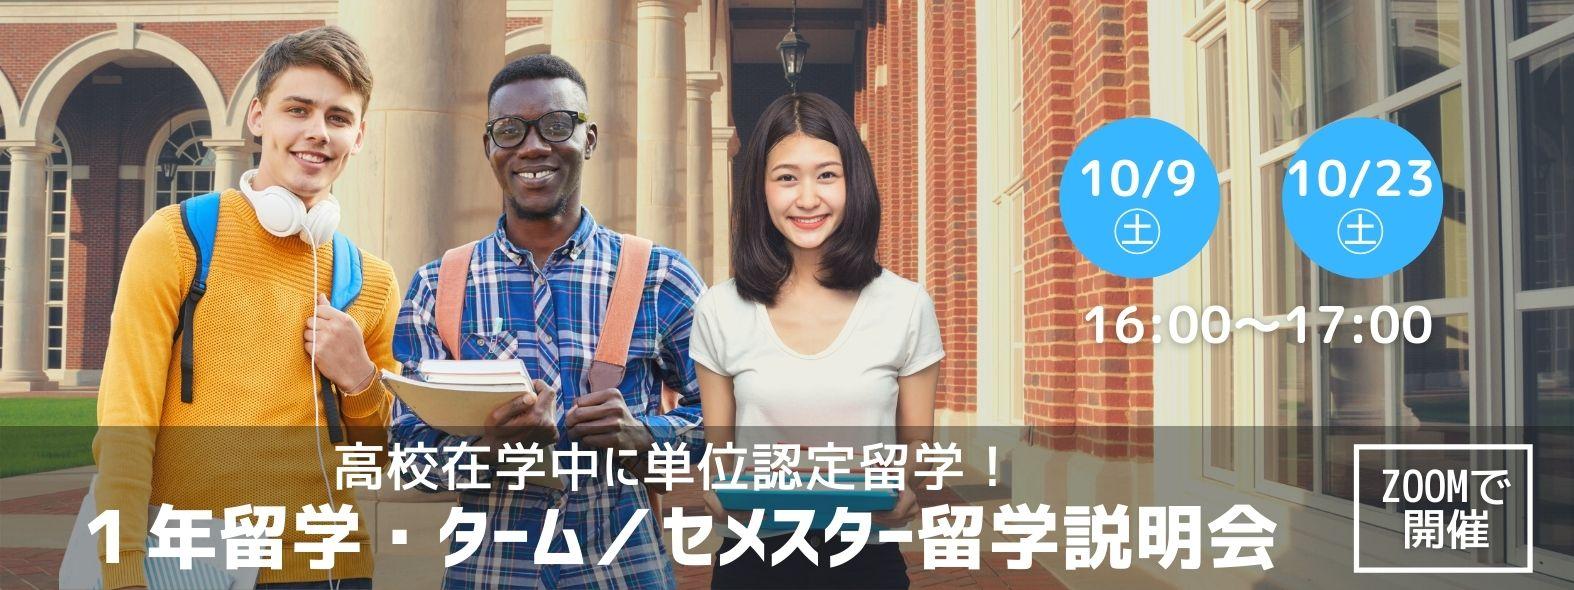 高校在学中に単位認定留学!1年留学・ターム/セメスター留学説明会